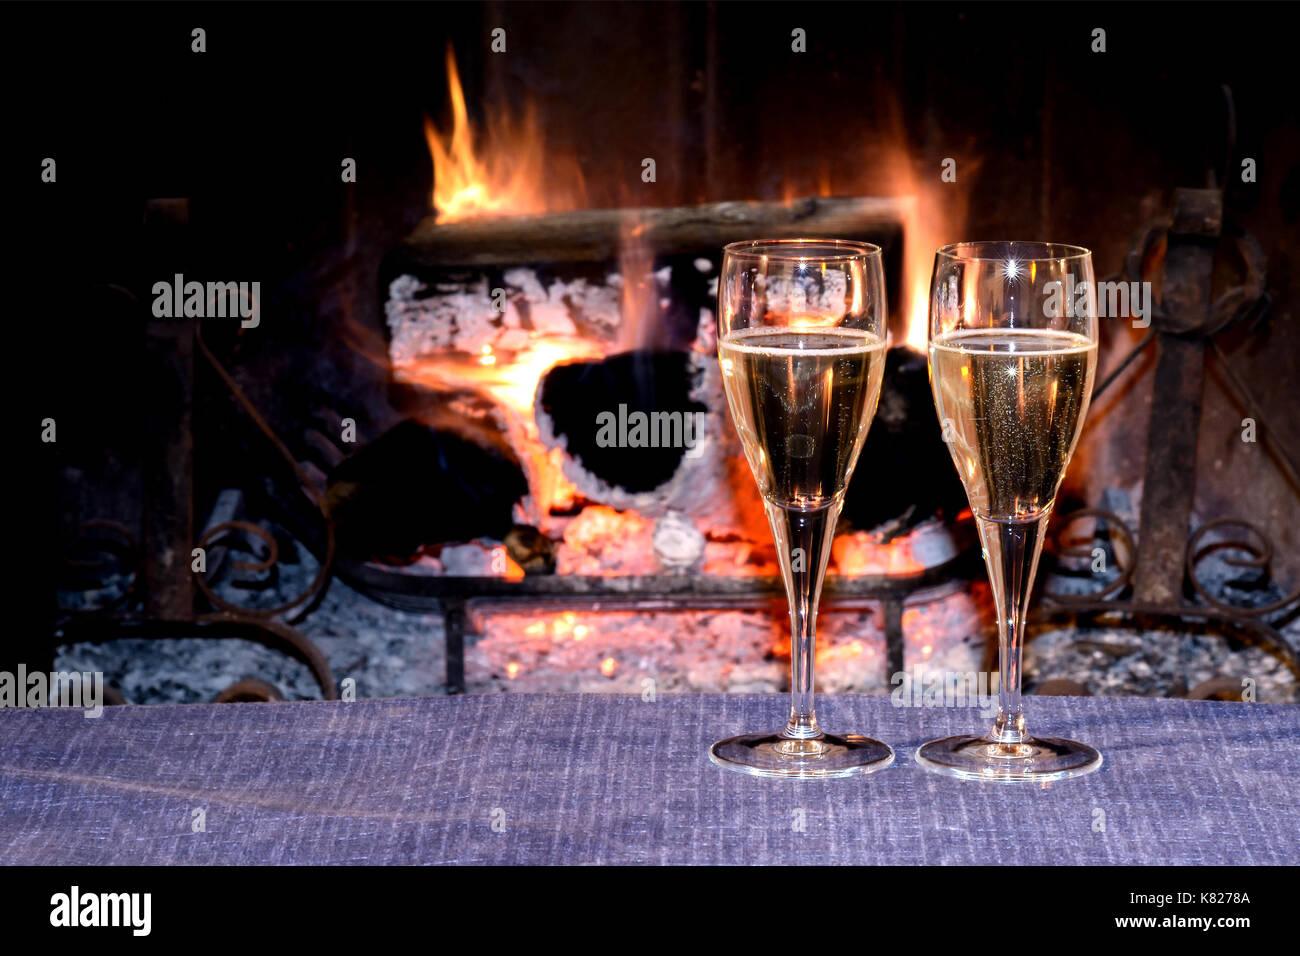 zwei gl ser champagner vor dem brennenden kamin einen romantischen abend mit schatz zu feiern. Black Bedroom Furniture Sets. Home Design Ideas